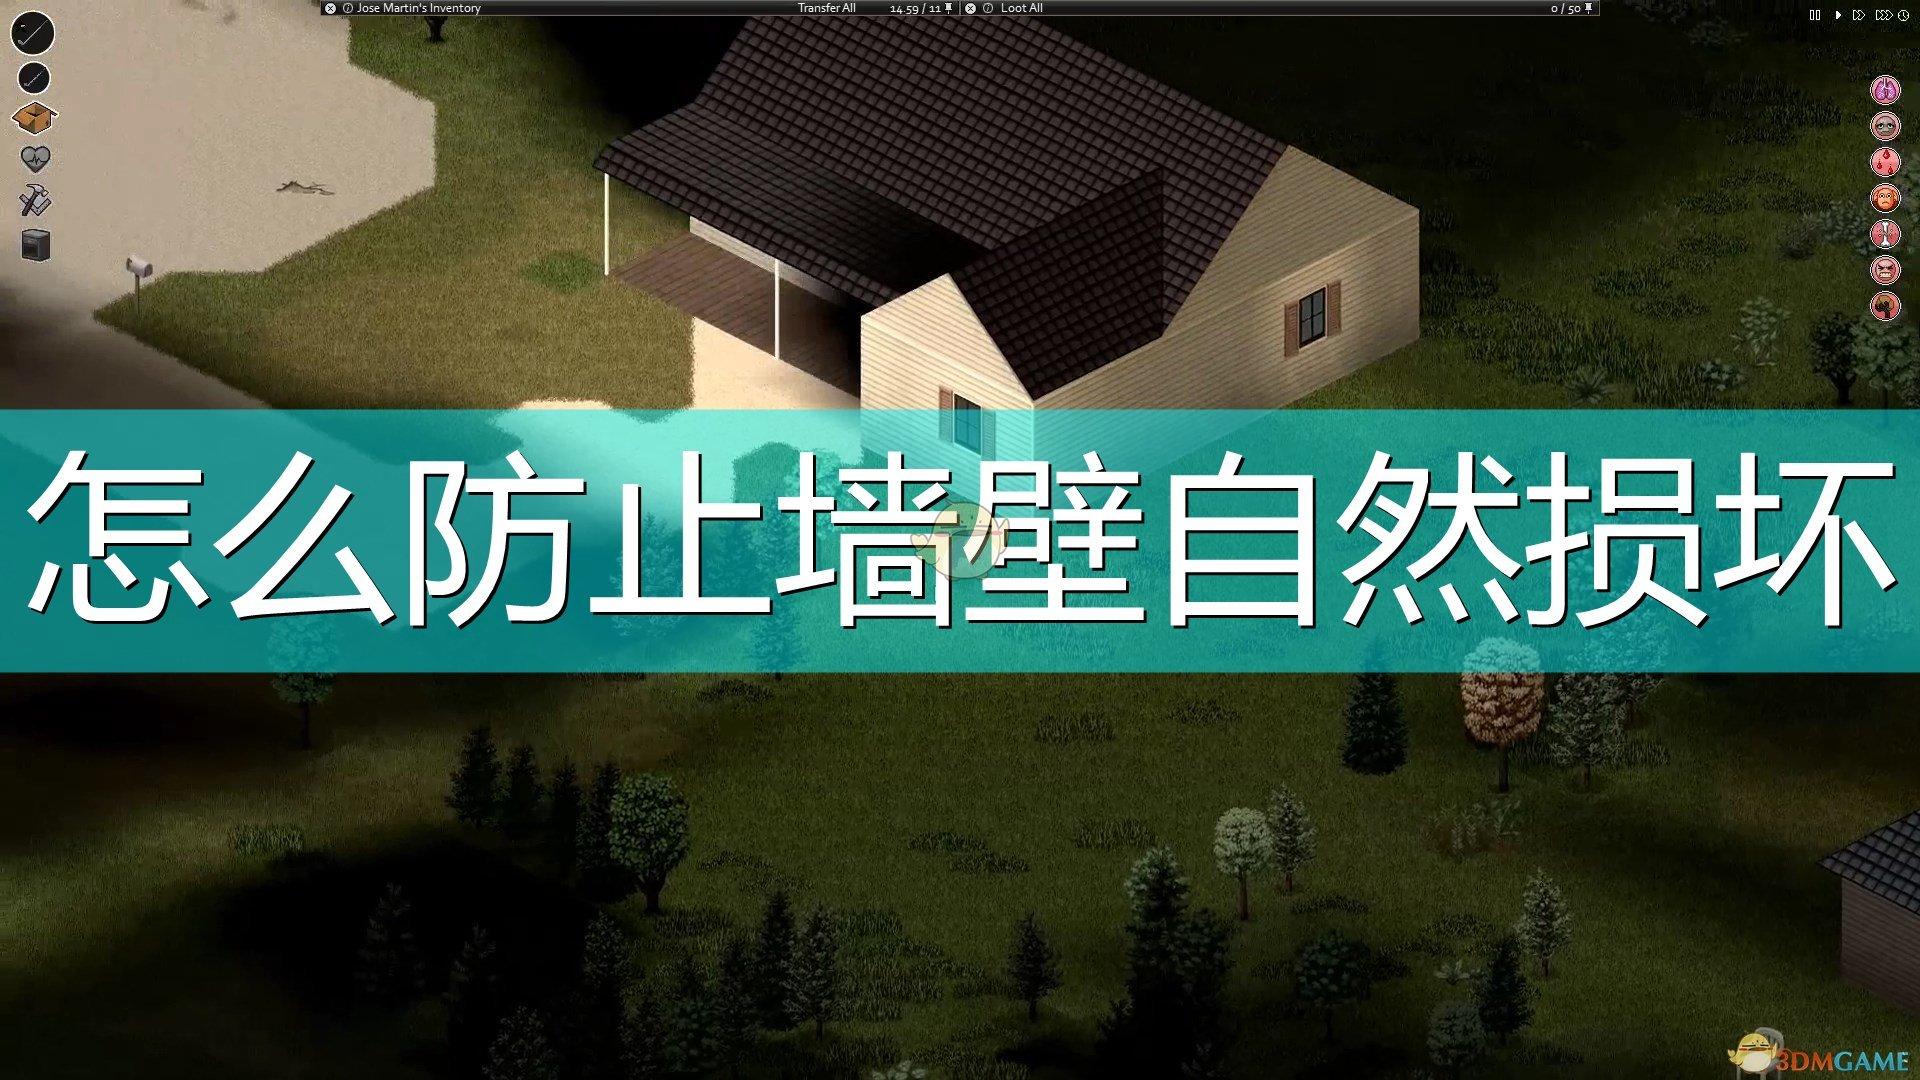 《僵尸毁灭工程》沙盒模式防止墙壁自然损坏方法介绍